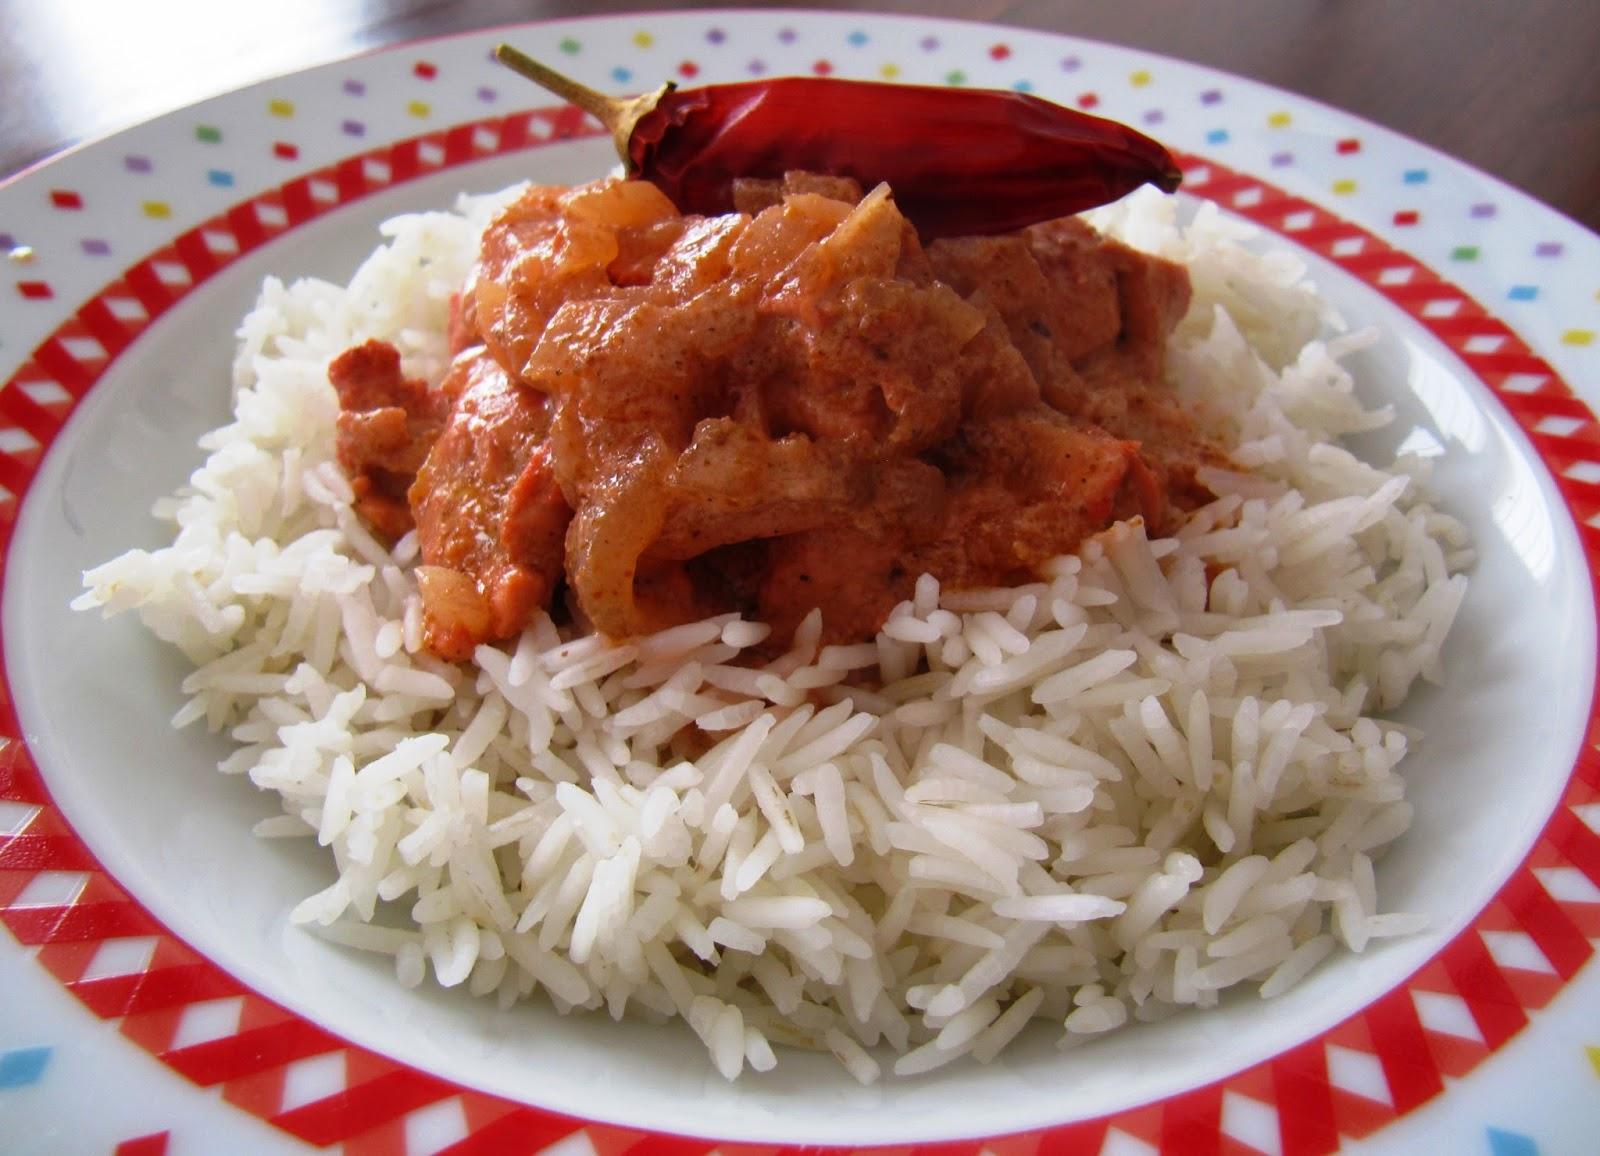 il gusto e il giusto : Pollo tandoori con riso basmati